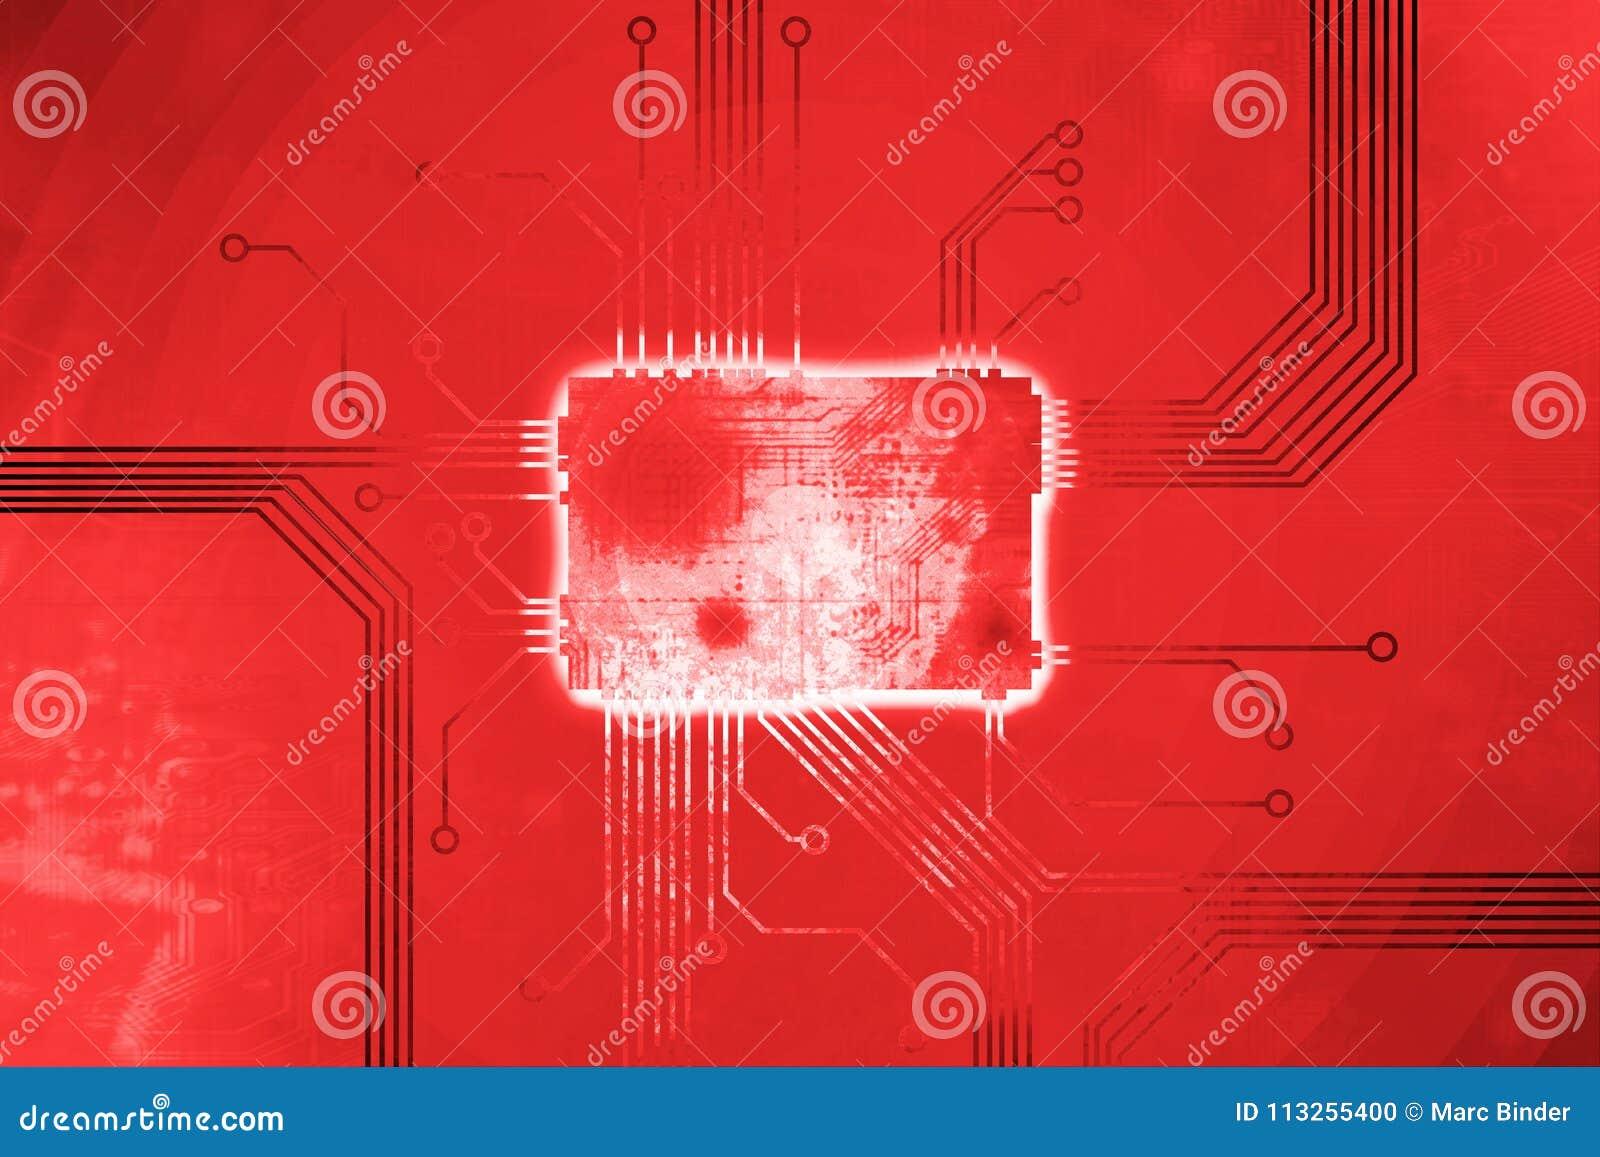 De rode Gekleurde kern van de digitale computerspaander